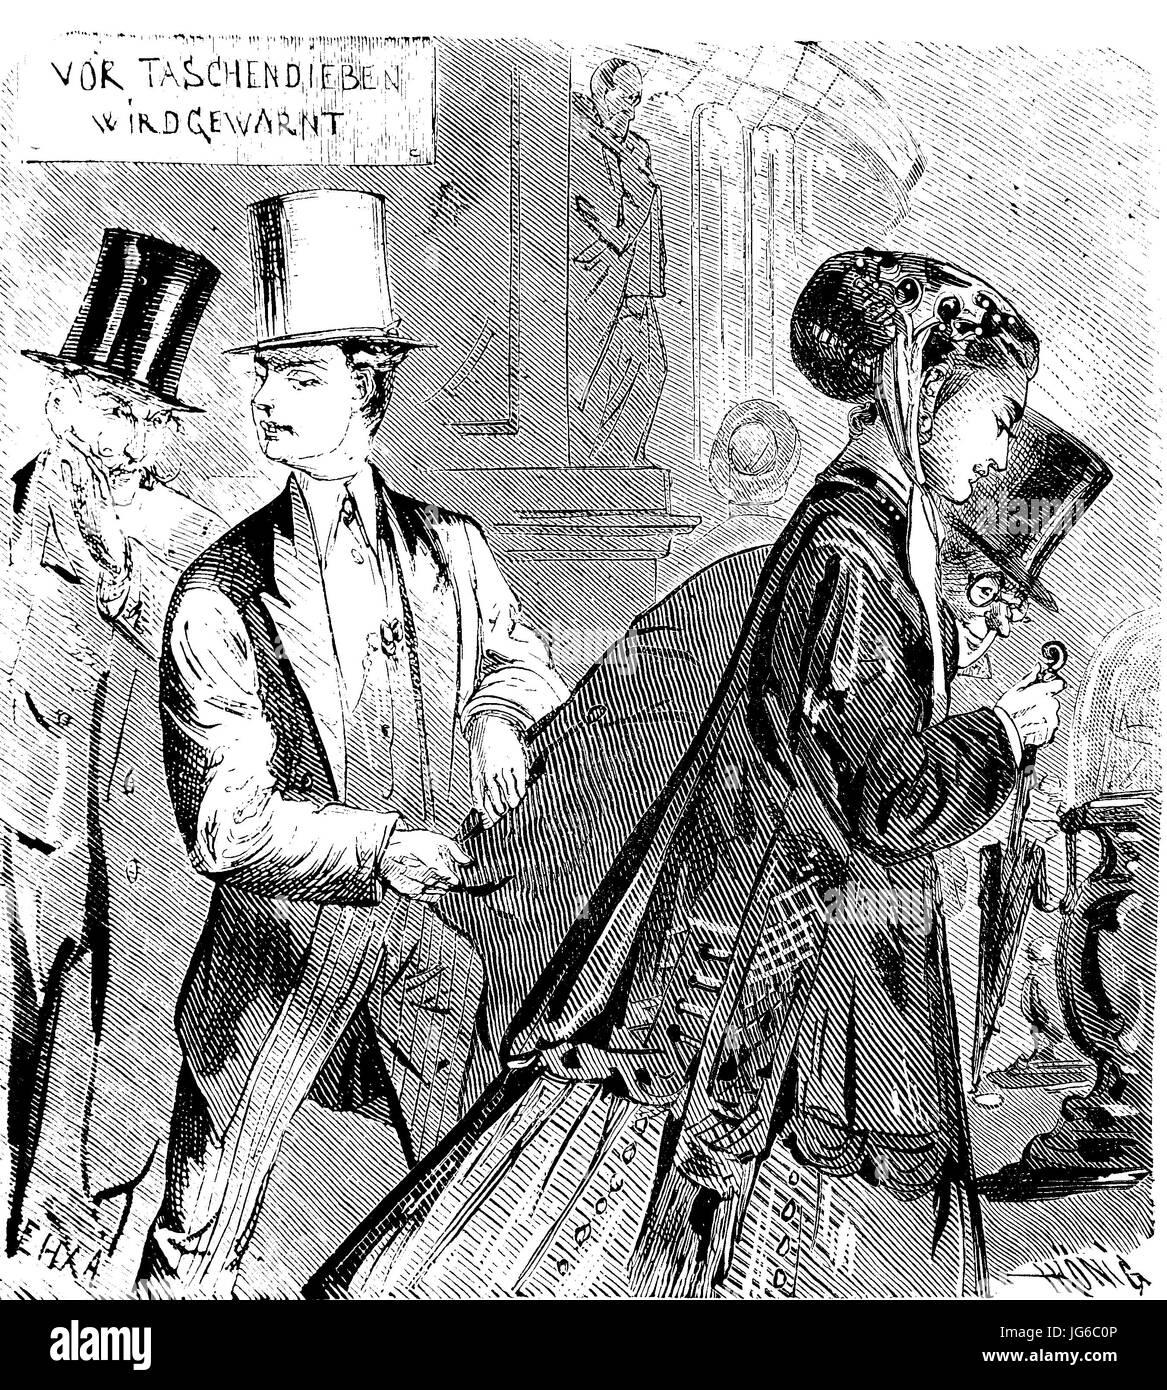 Mejorado: Digital, el hurto, el robo, el robo de dinero, la ilustración del siglo XIX. Imagen De Stock